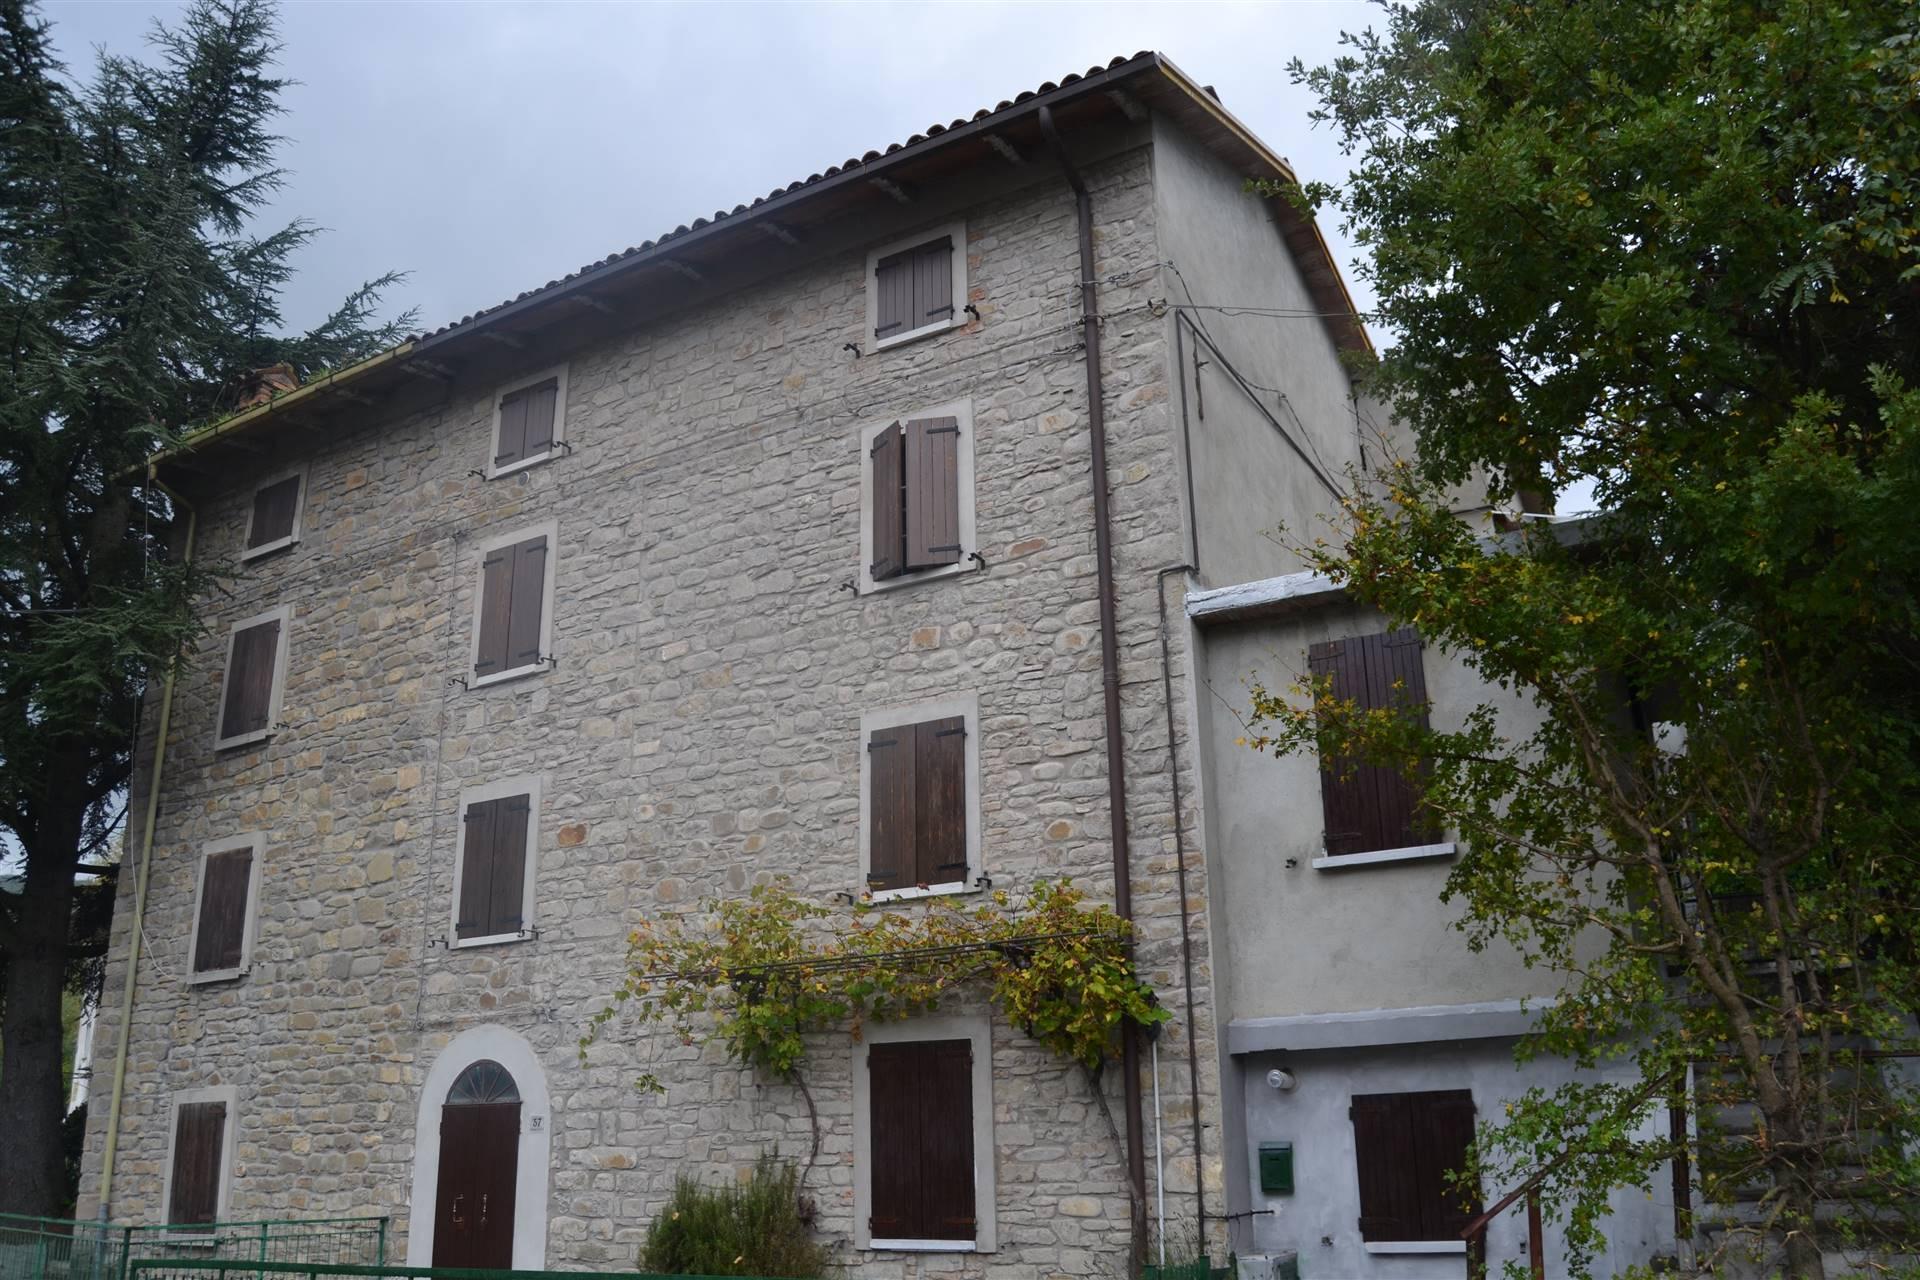 Attico / Mansarda in vendita a Grizzana Morandi, 1 locali, zona Località: CÁ DI LAGARO, prezzo € 60.000   PortaleAgenzieImmobiliari.it